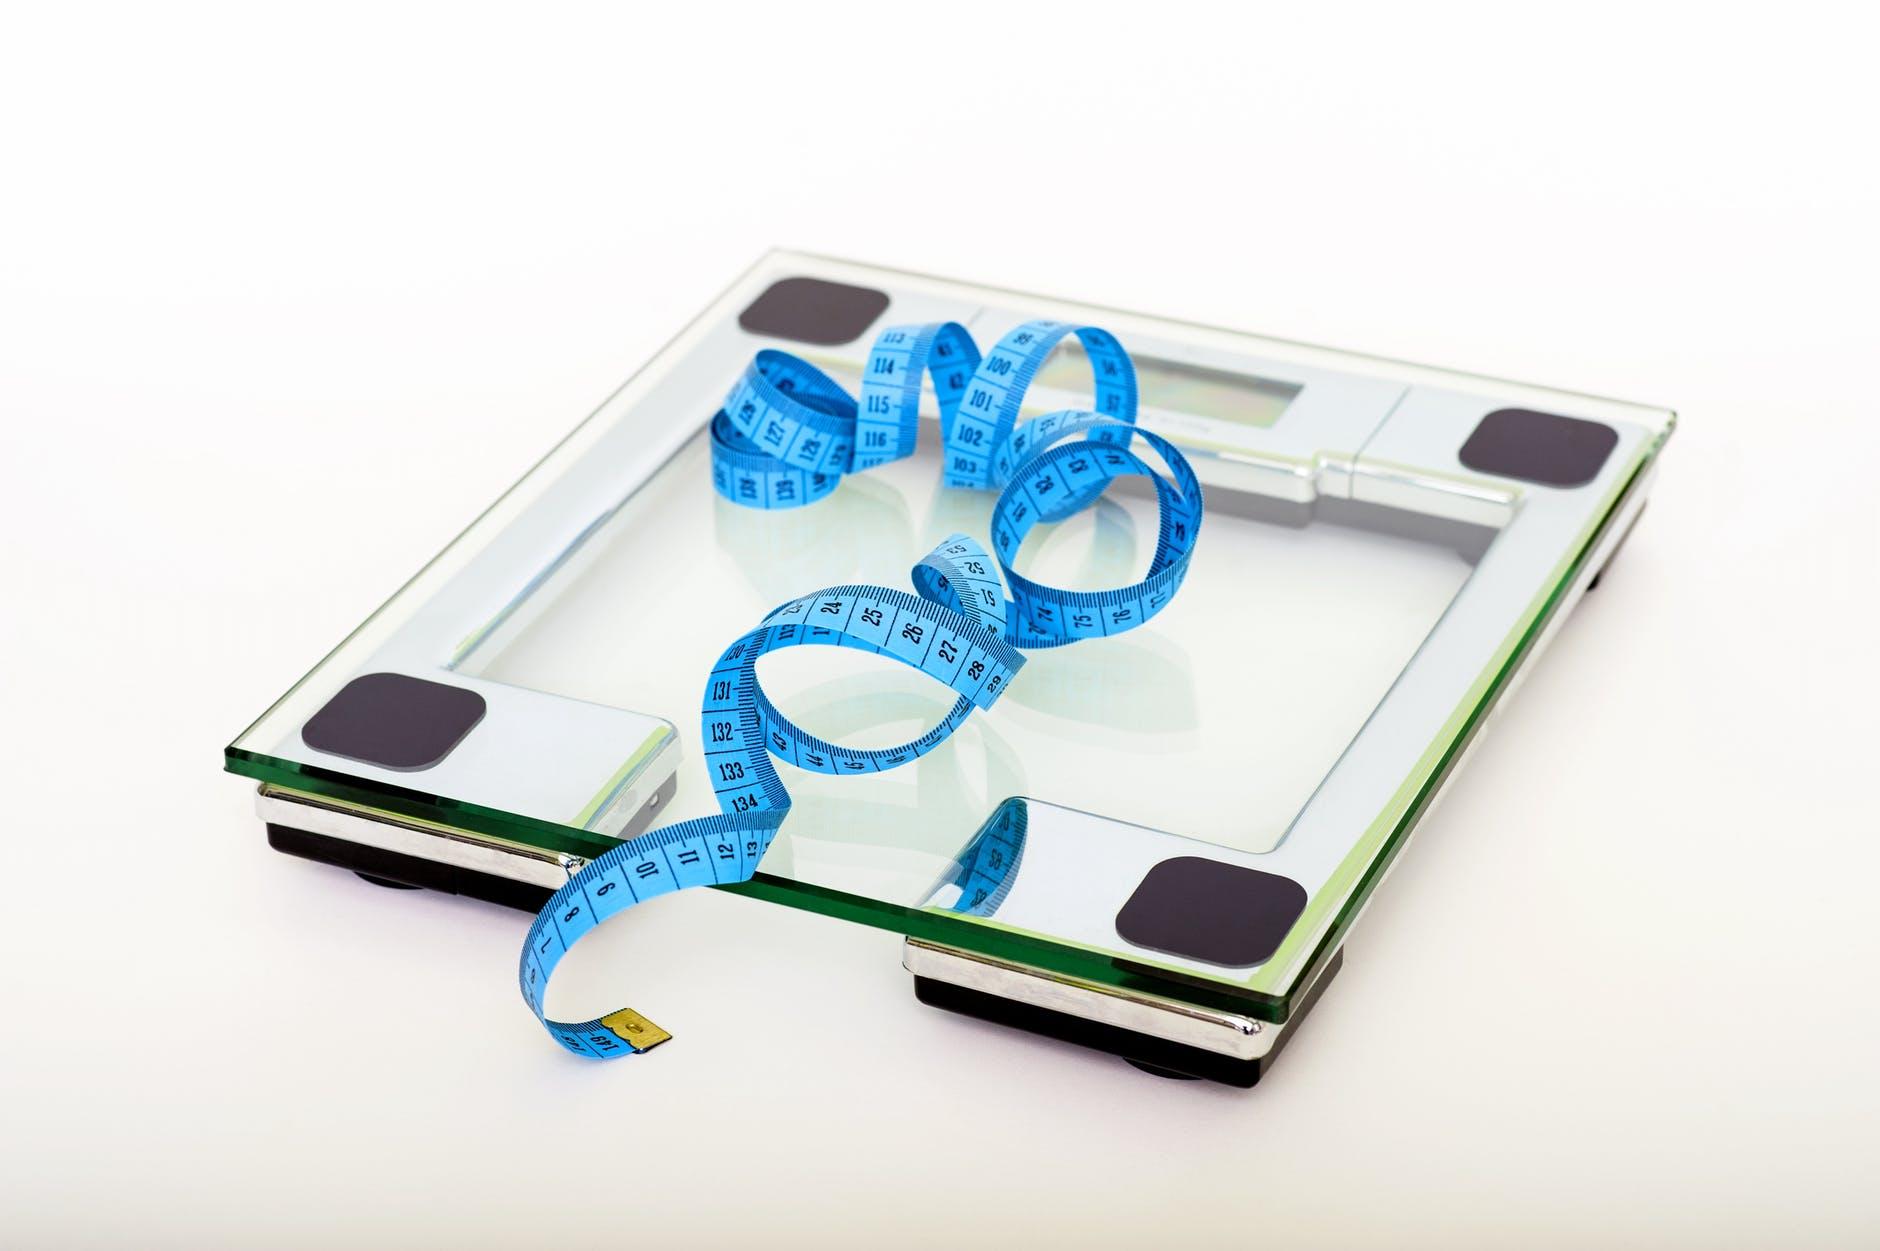 váha a krejčovský metr